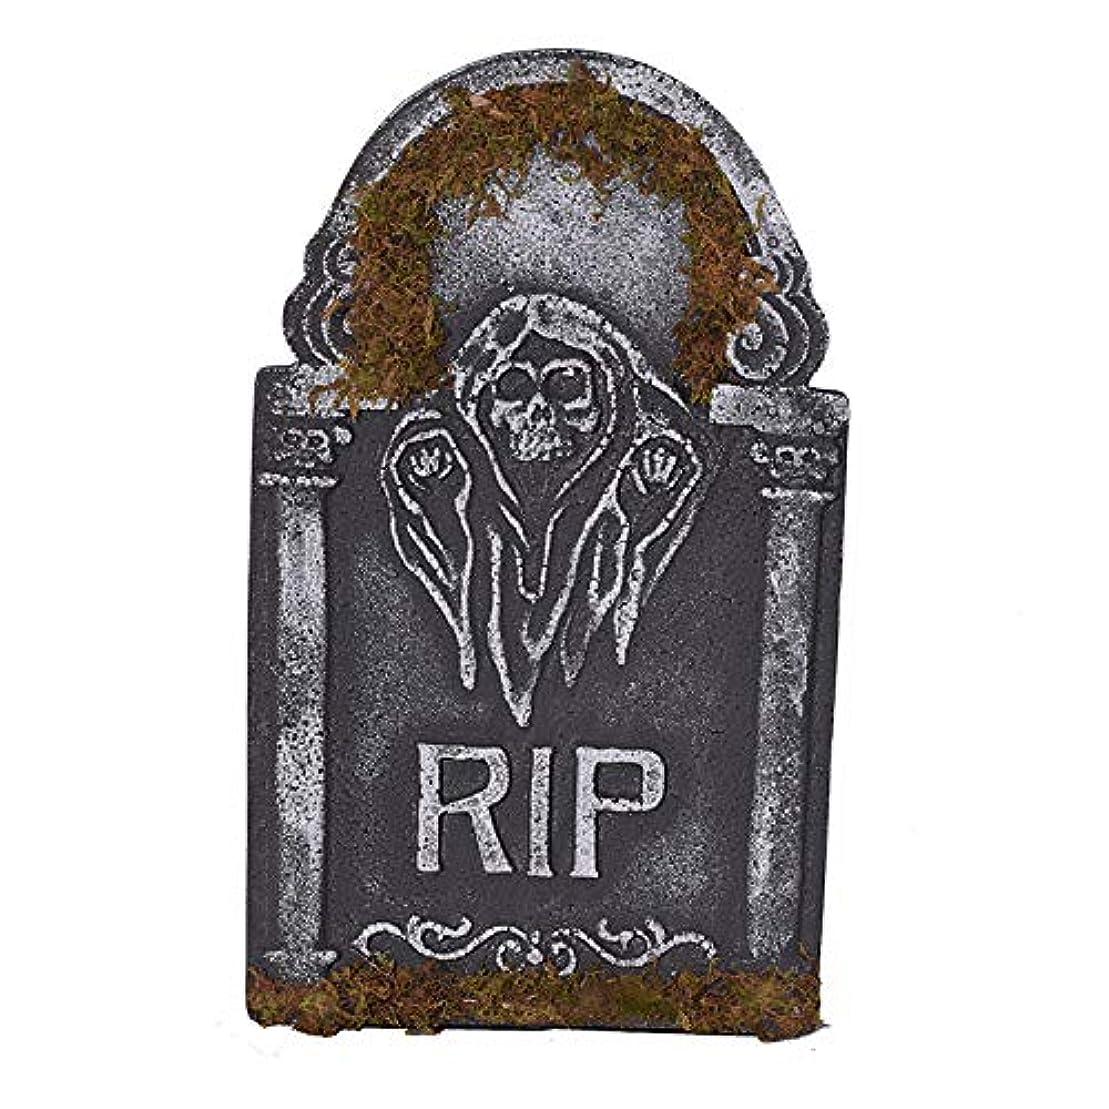 解く同行冷ややかなETRRUU HOME トゥームストーンハロウィンバーKTVお化け屋敷秘密の部屋タトゥーショップホラー雰囲気装飾装飾写真小道具